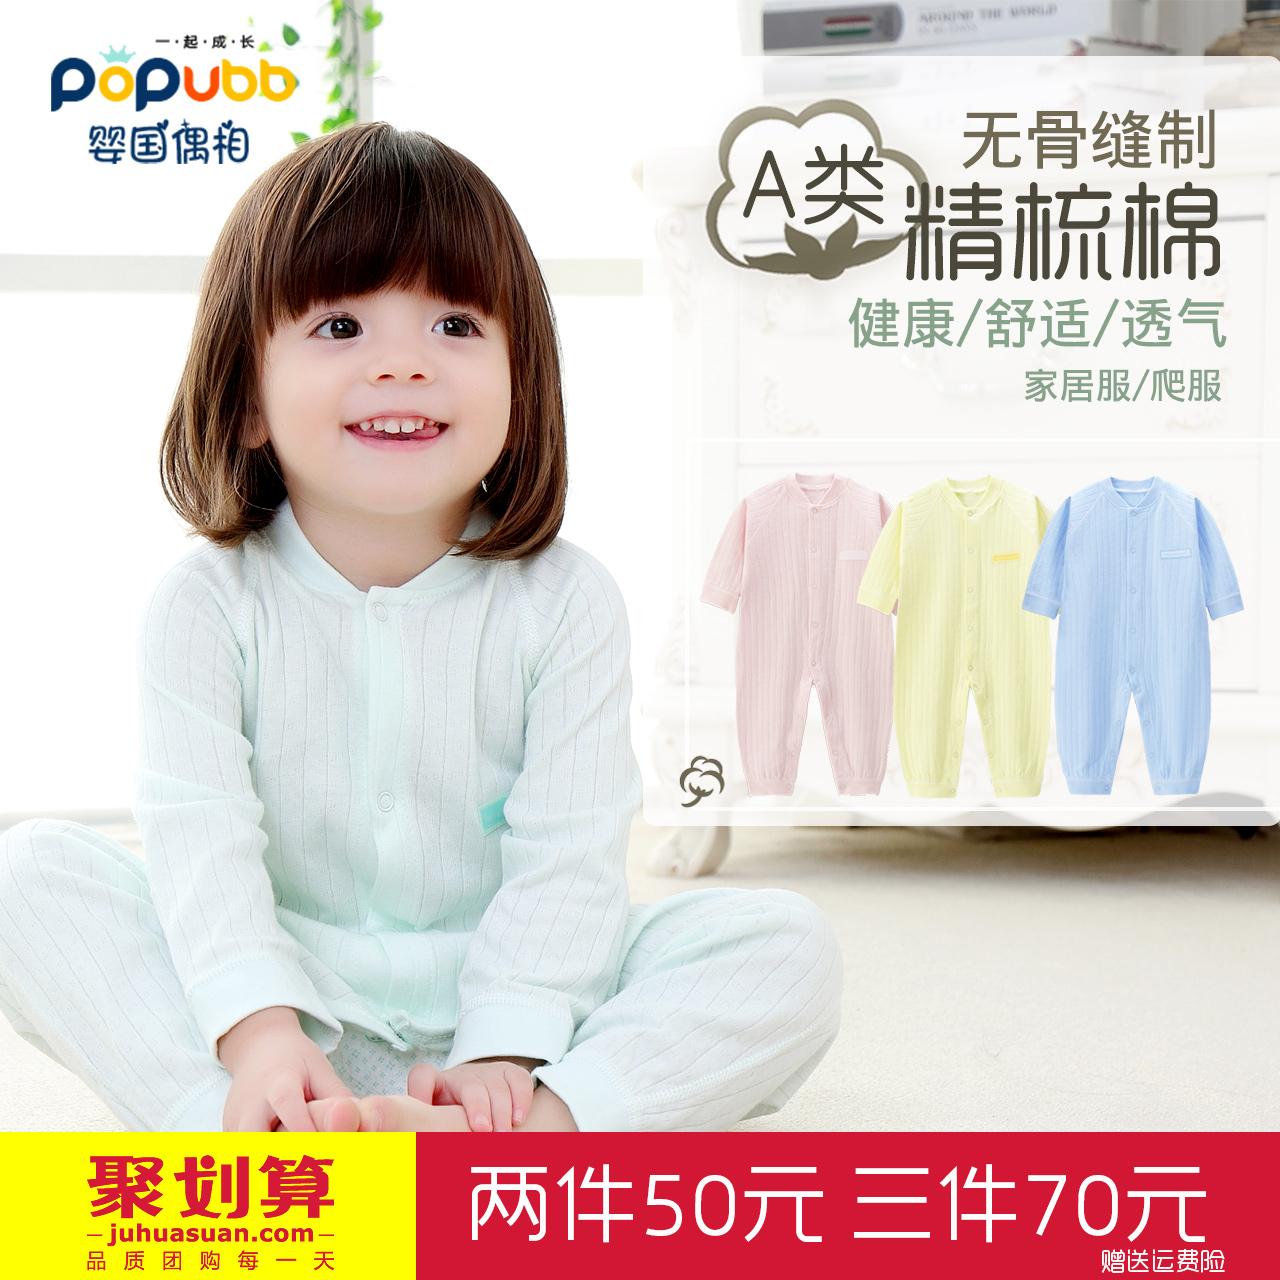 Ребенок купальник осень и зима длинный рукав ползунки осеняя модель одежда мужской и женщины ребенок пижама новорожденных одежда осень хлопок